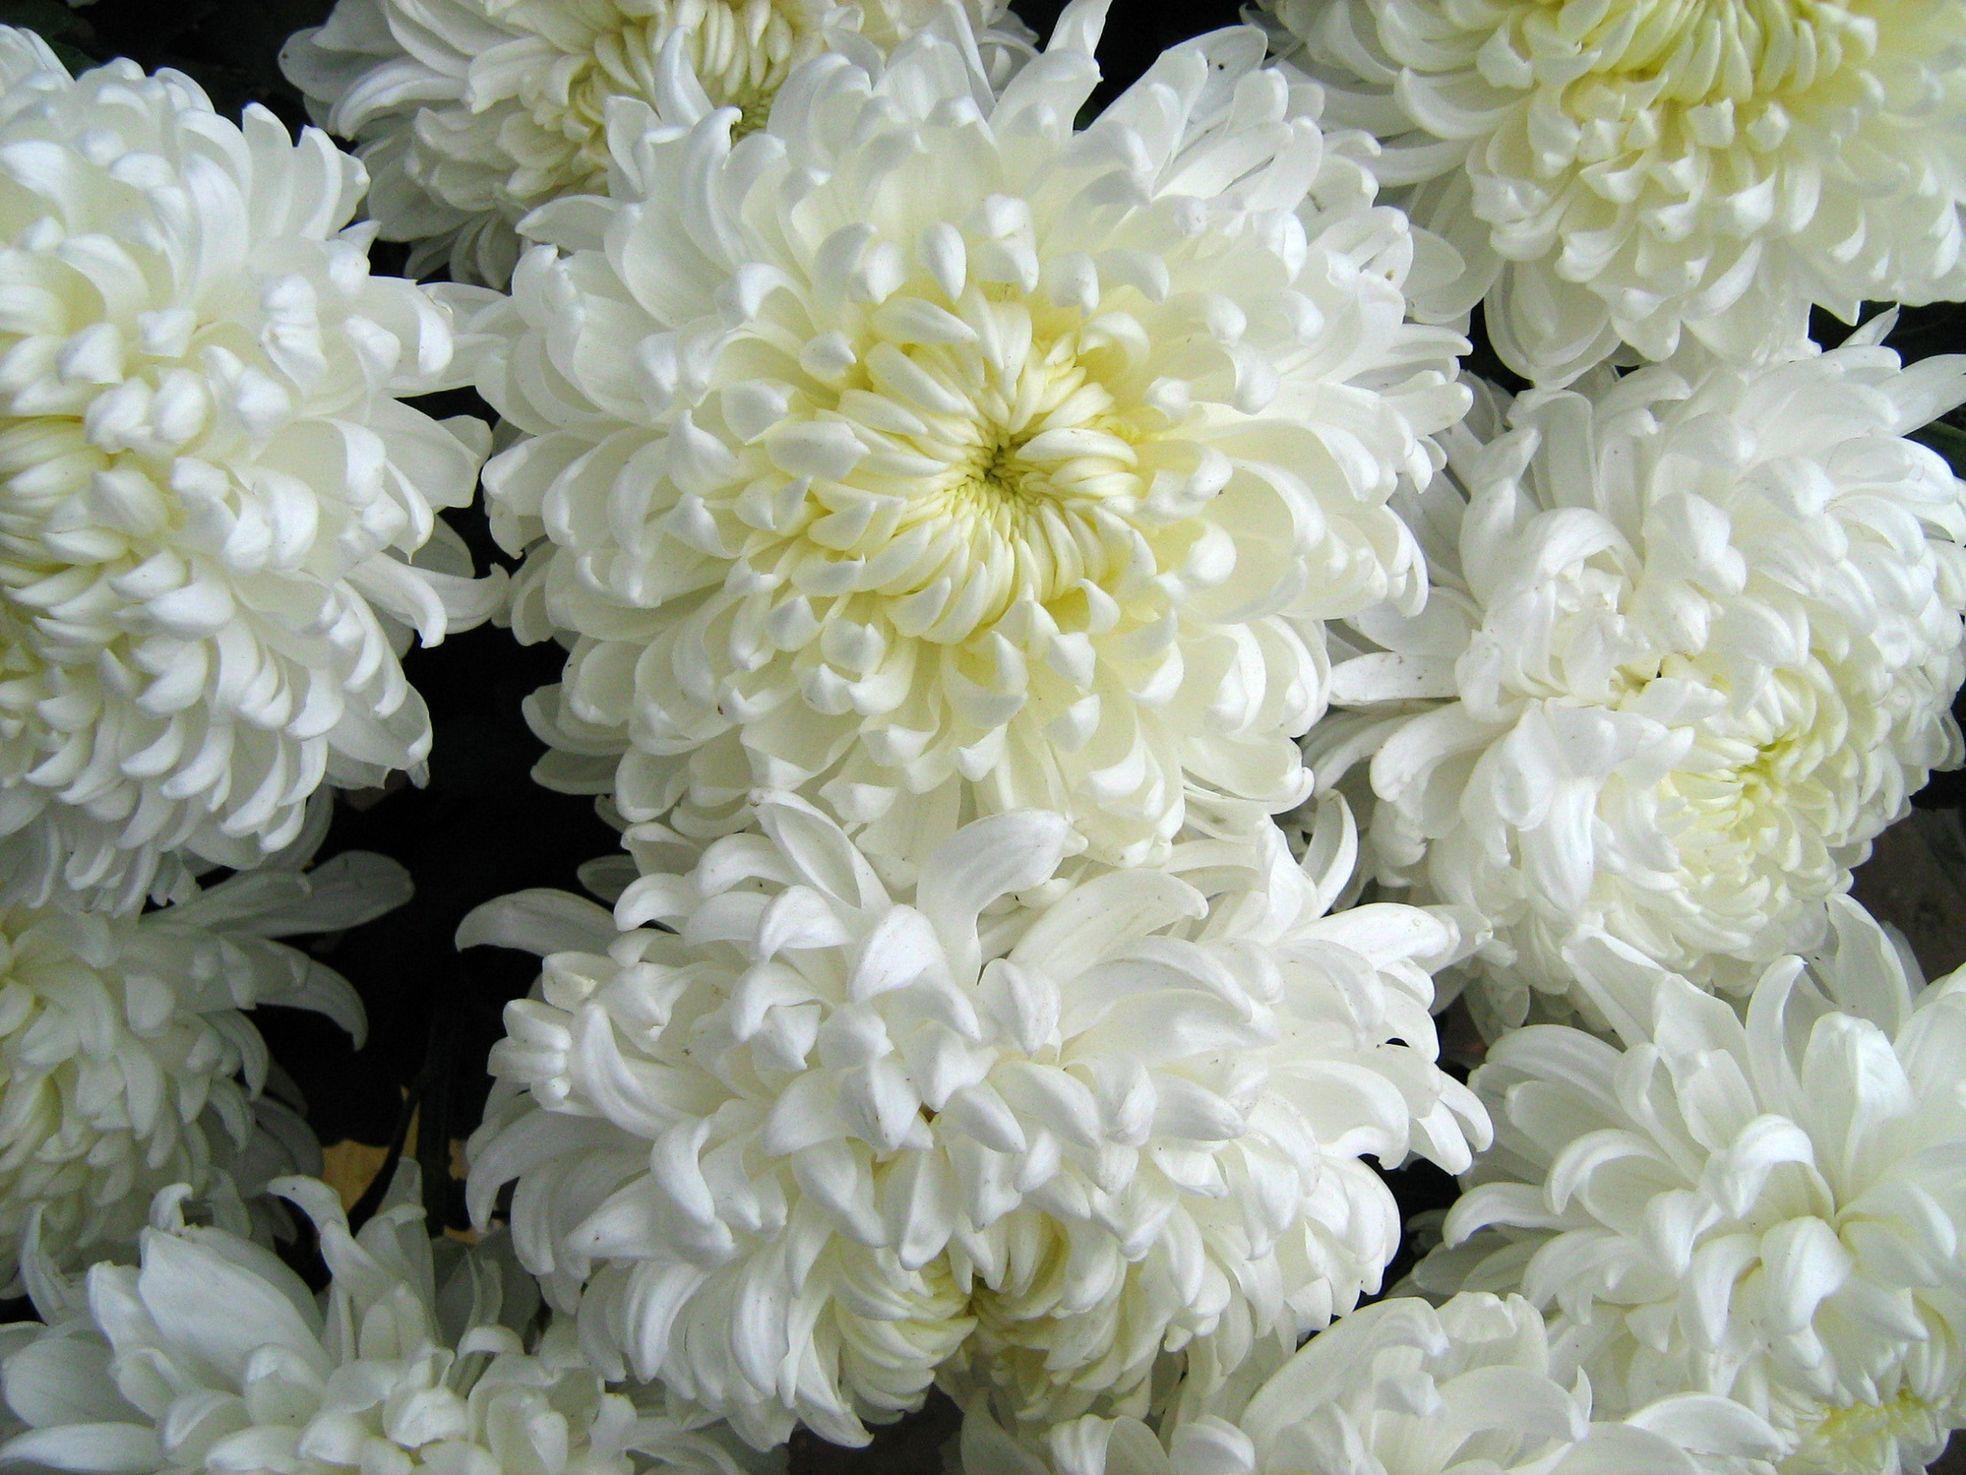 цитата одно фото хризантемы фотографии хризантем победы над